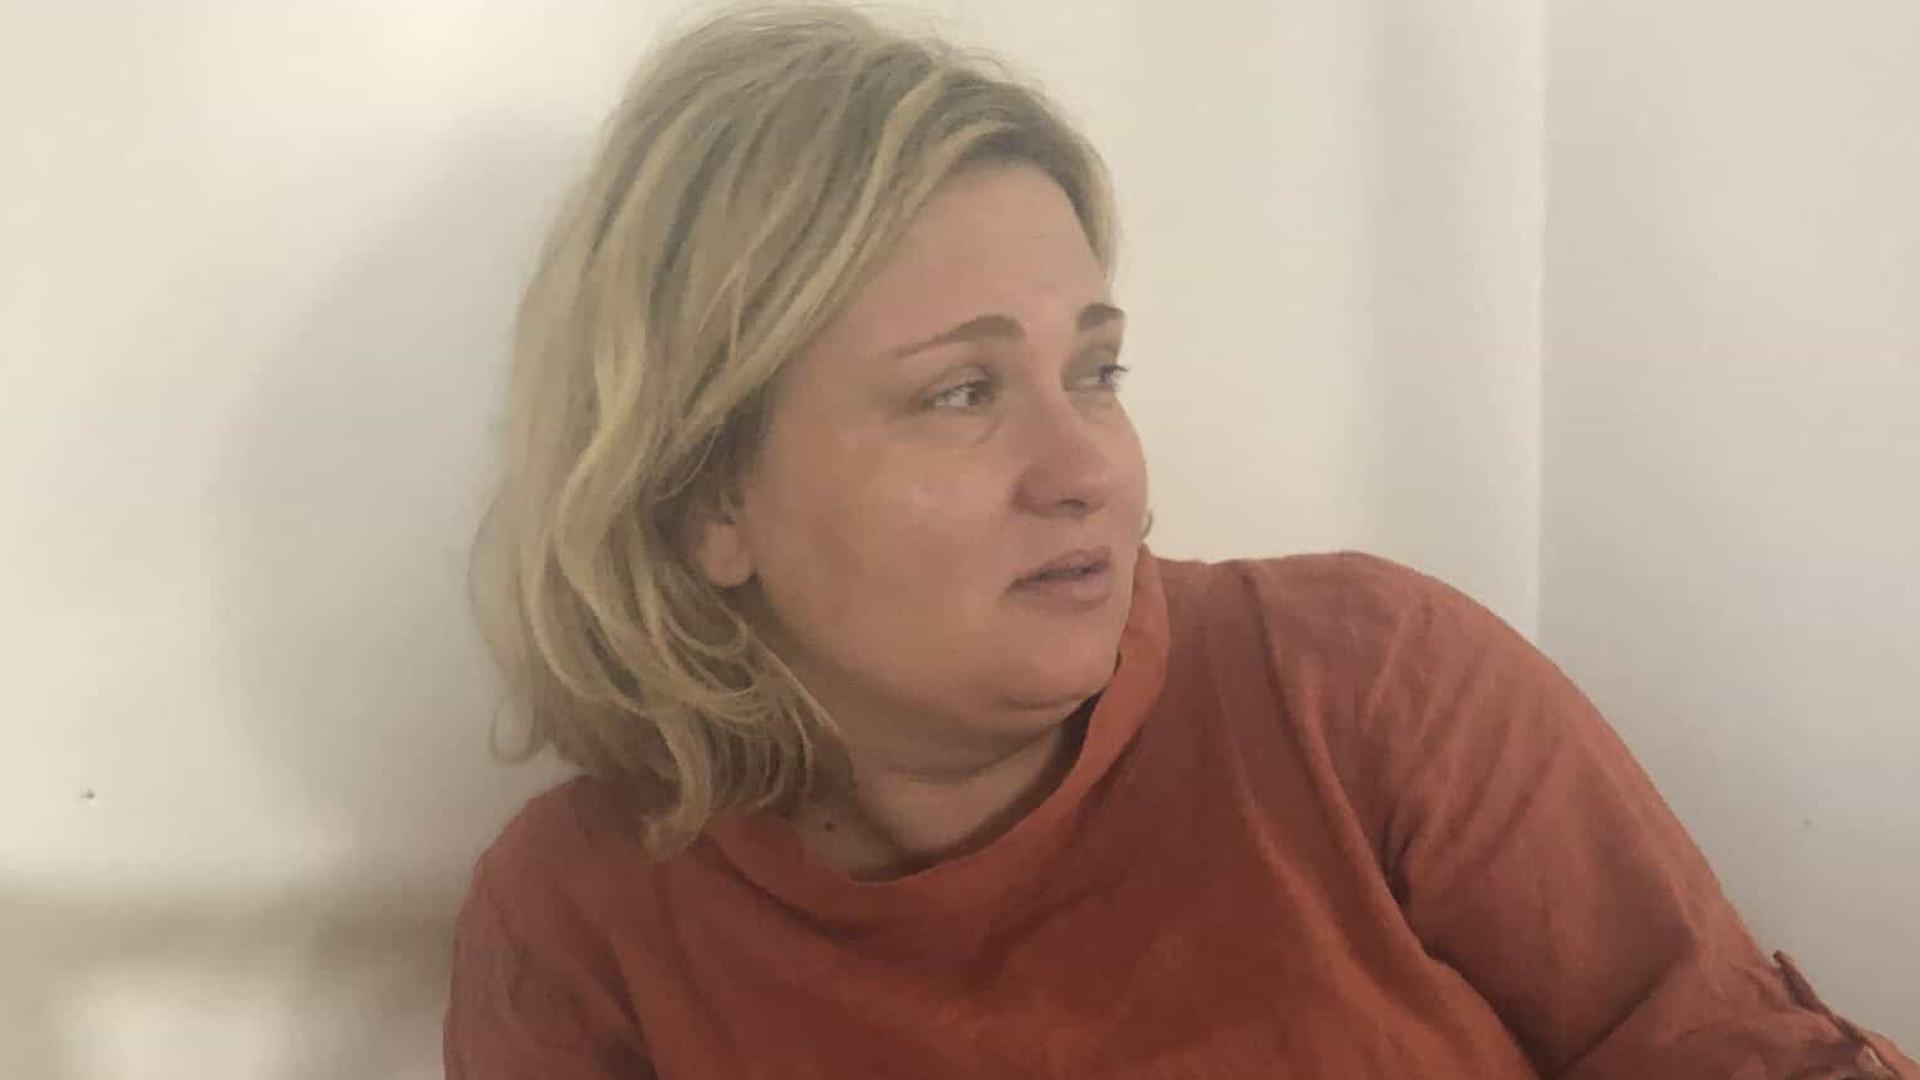 Jornalista é agredida na Chechênia por divulgar tortura de homossexuais